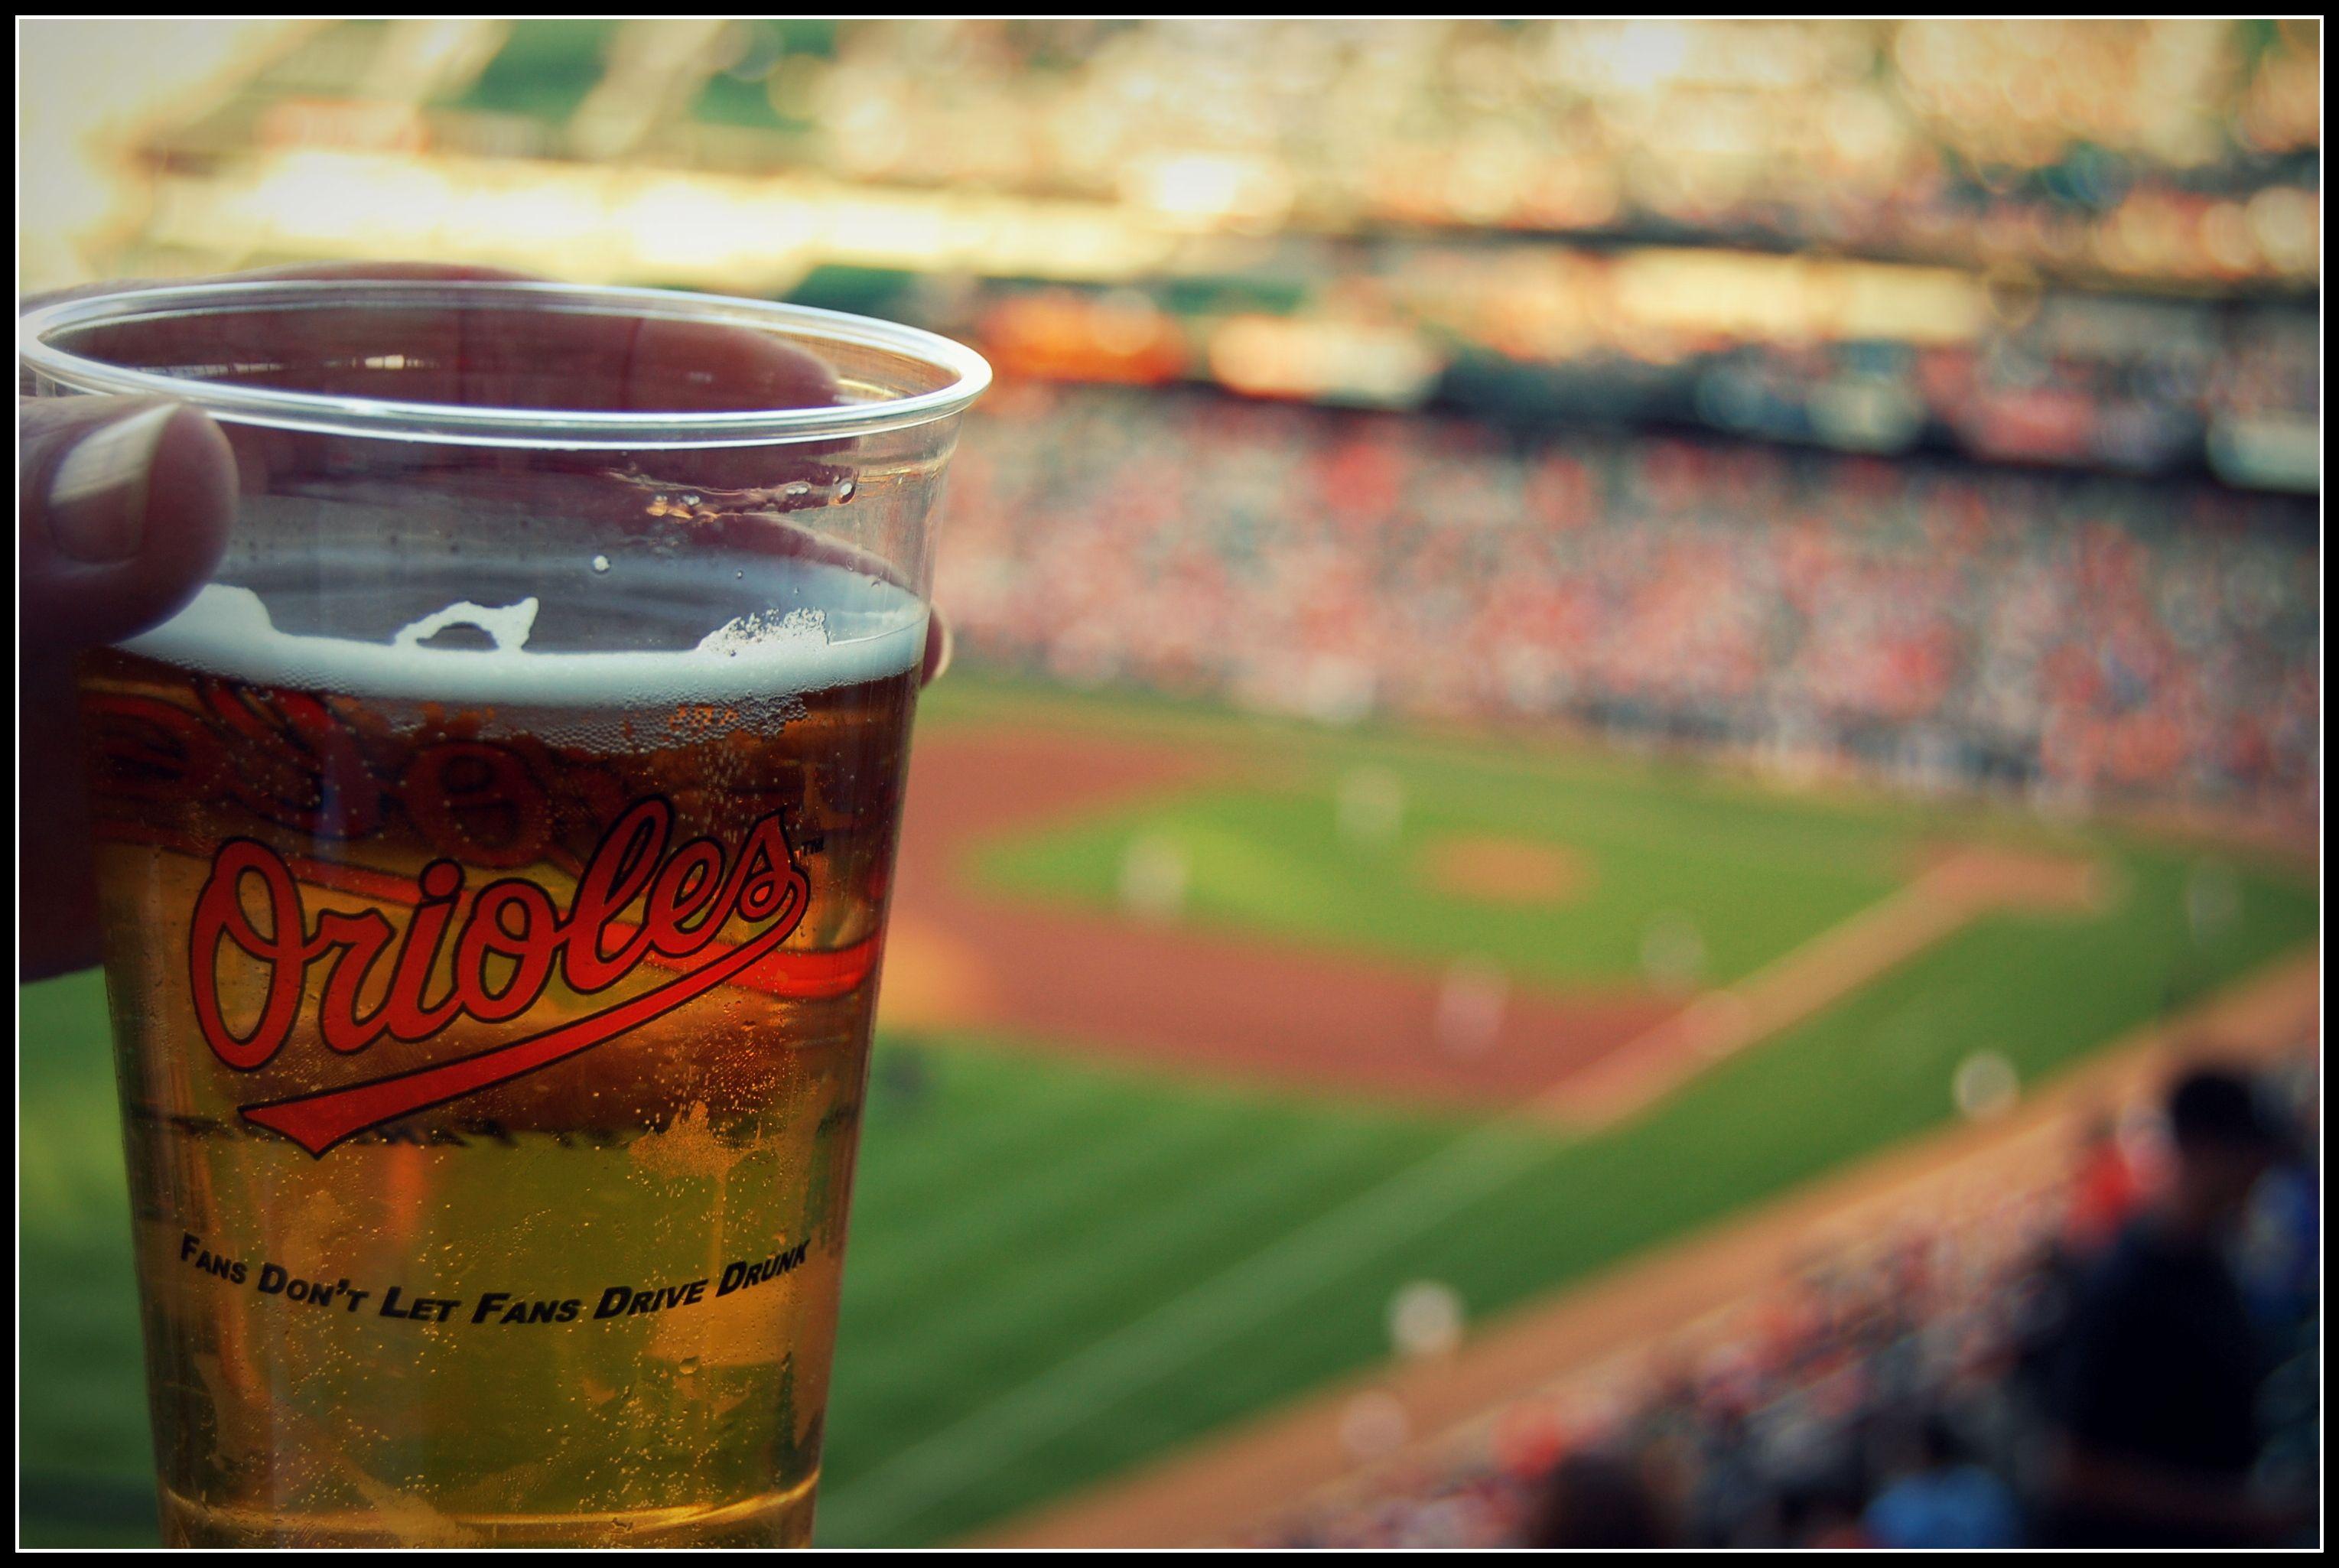 Baltimore love orioles baltimore orioles baseball season